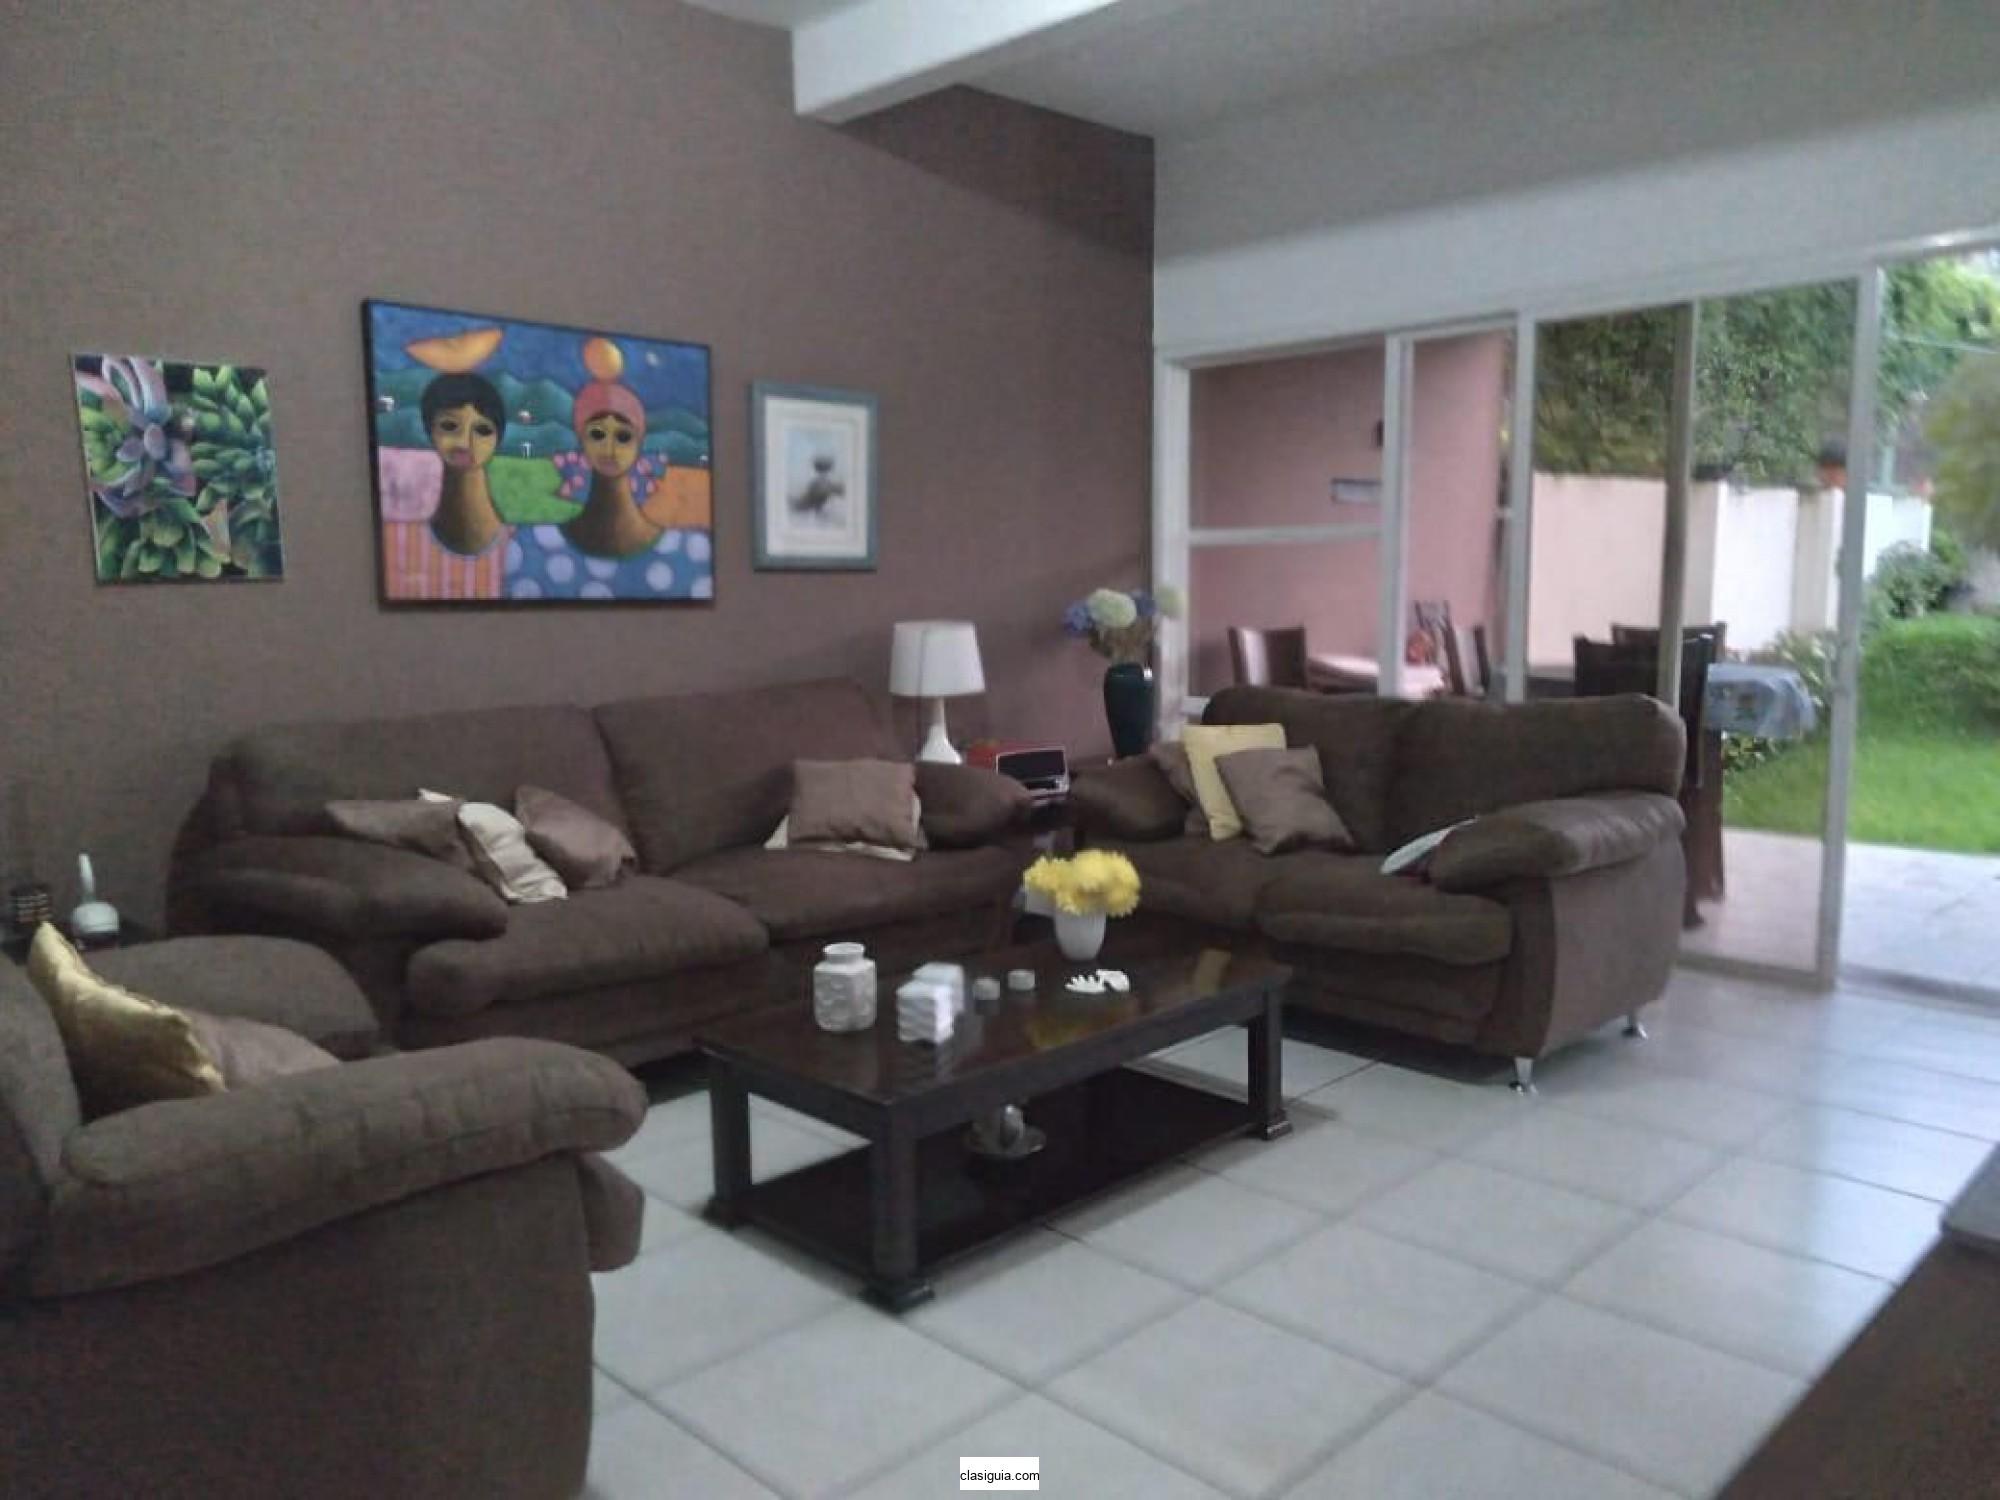 SE VENDE CASA RESIDENCIAL LA FLORIDA, NUEVO CUSCATLAN, privado, acceso controlado, tiene 366 v2 de terreno y 183 mts2 de construcción